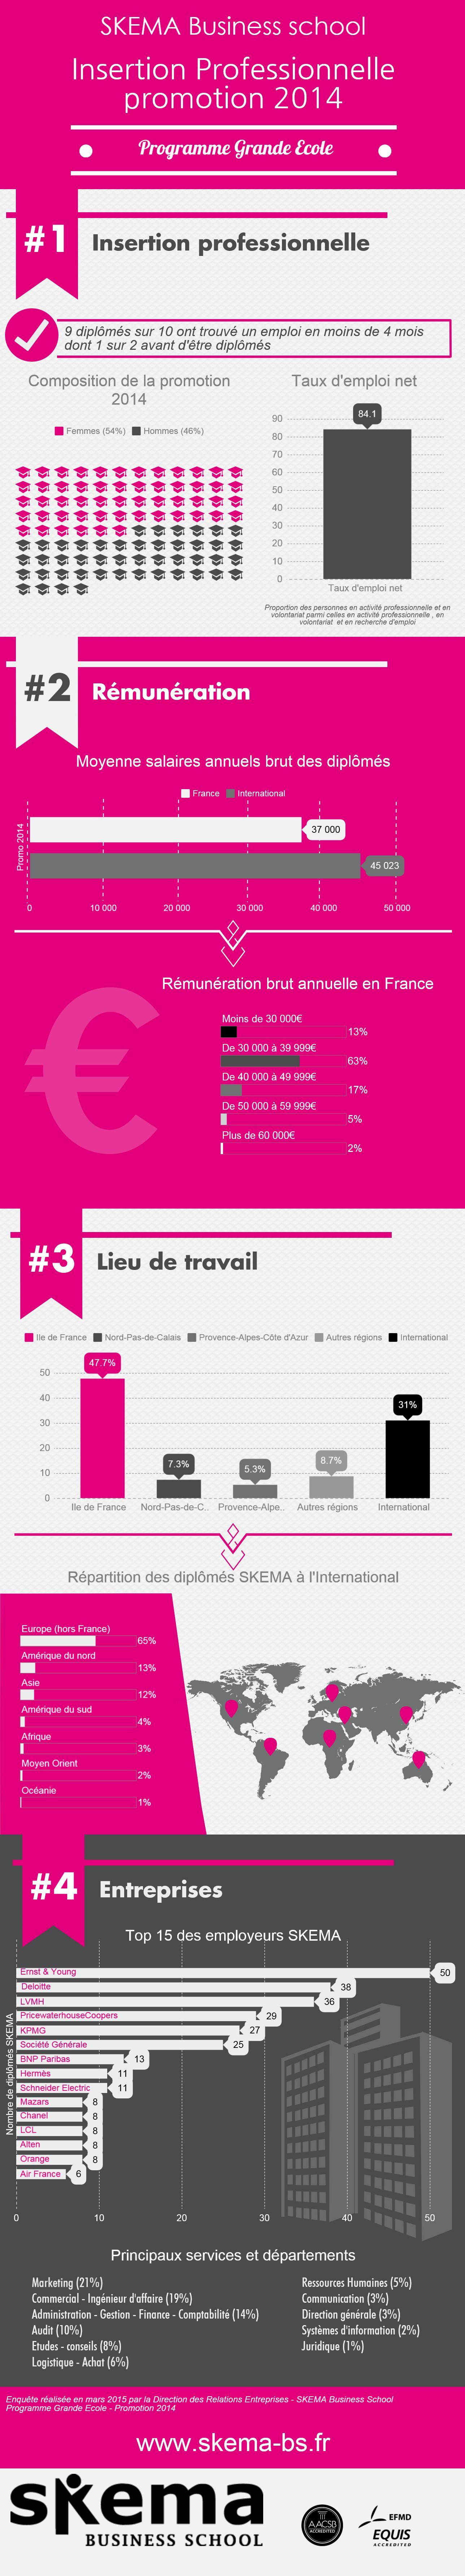 Les chiffres clés de l'insertion Professionnelle des diplômés #SKEMA en #infographie